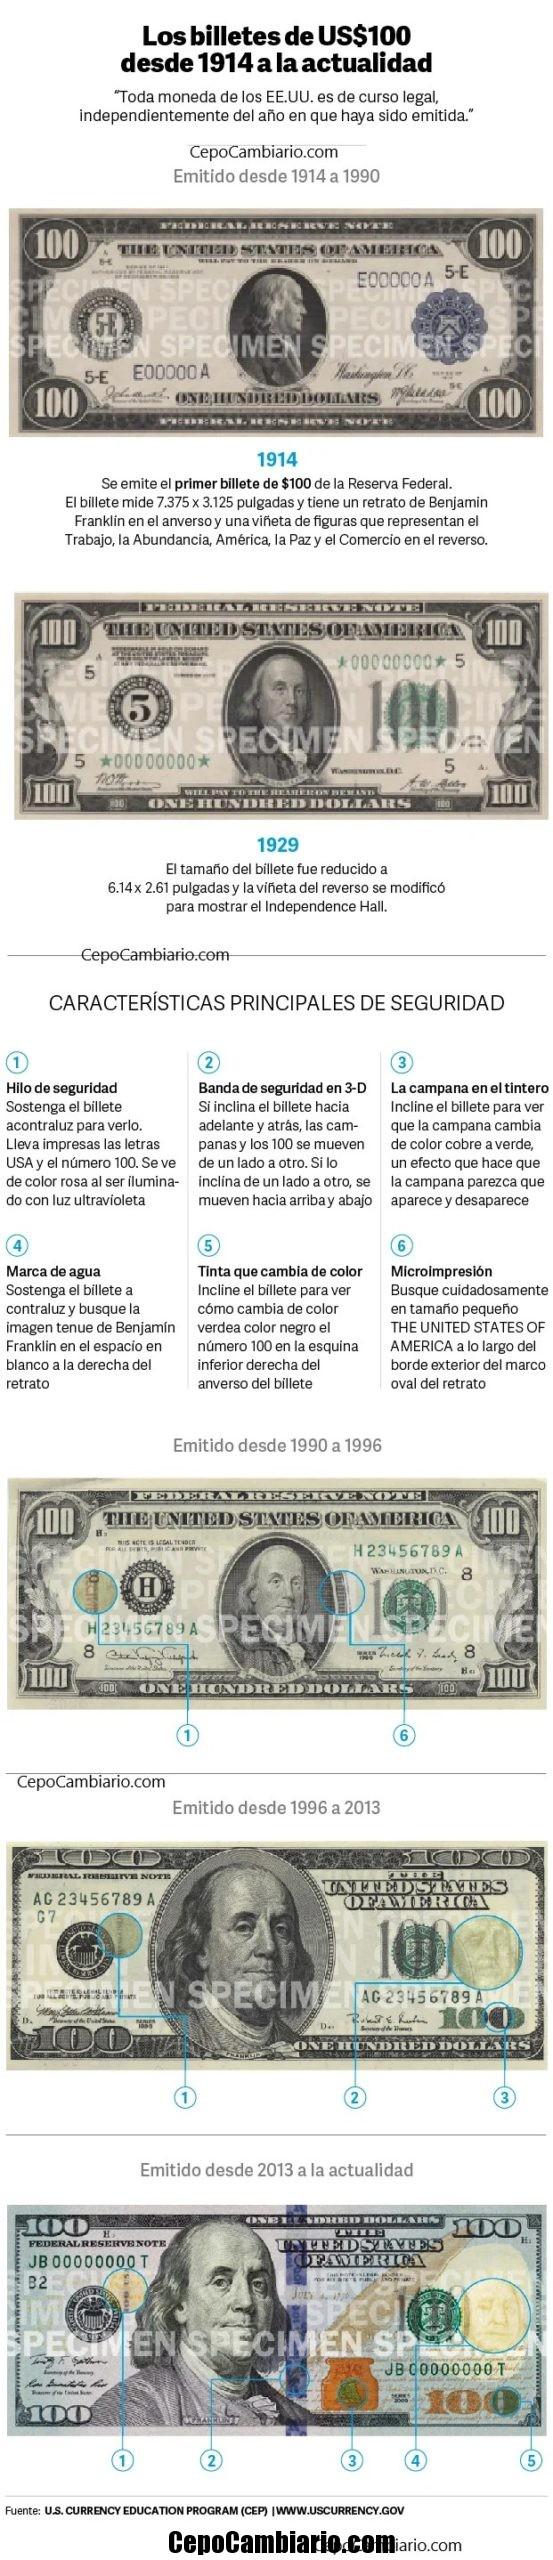 Dólar diseño cara chica versus dólar de los nuevos y por que las cuevas lo toman a menor valor